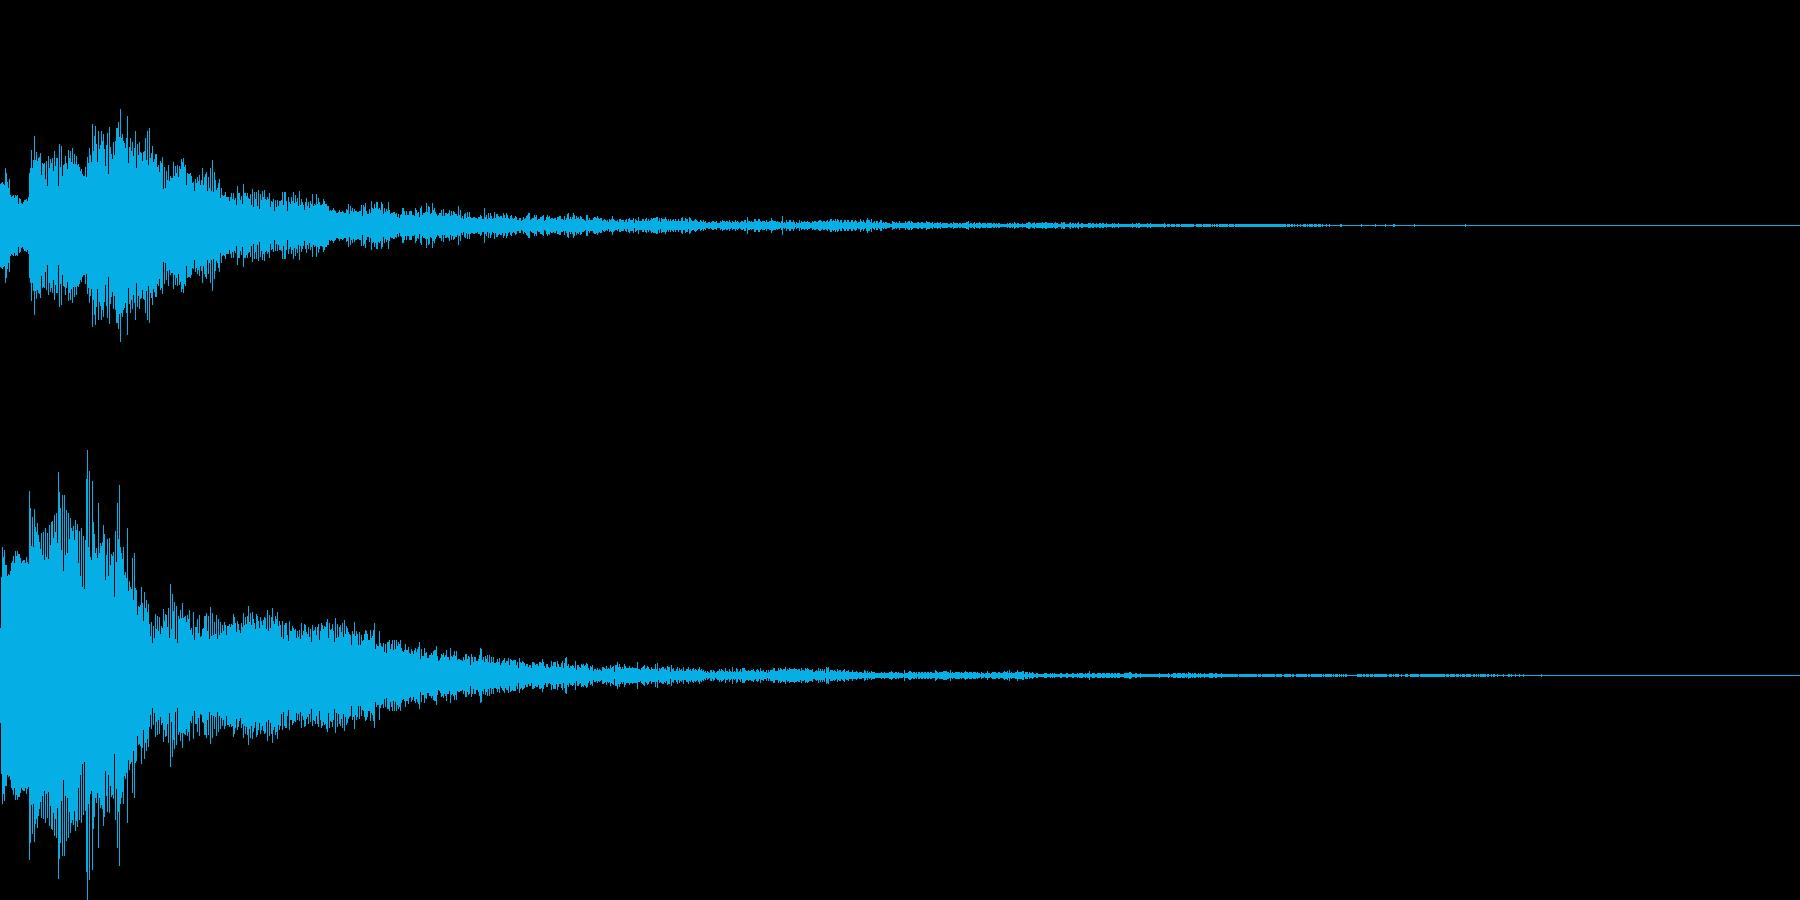 キーアイテム発見・違和感時の再生済みの波形